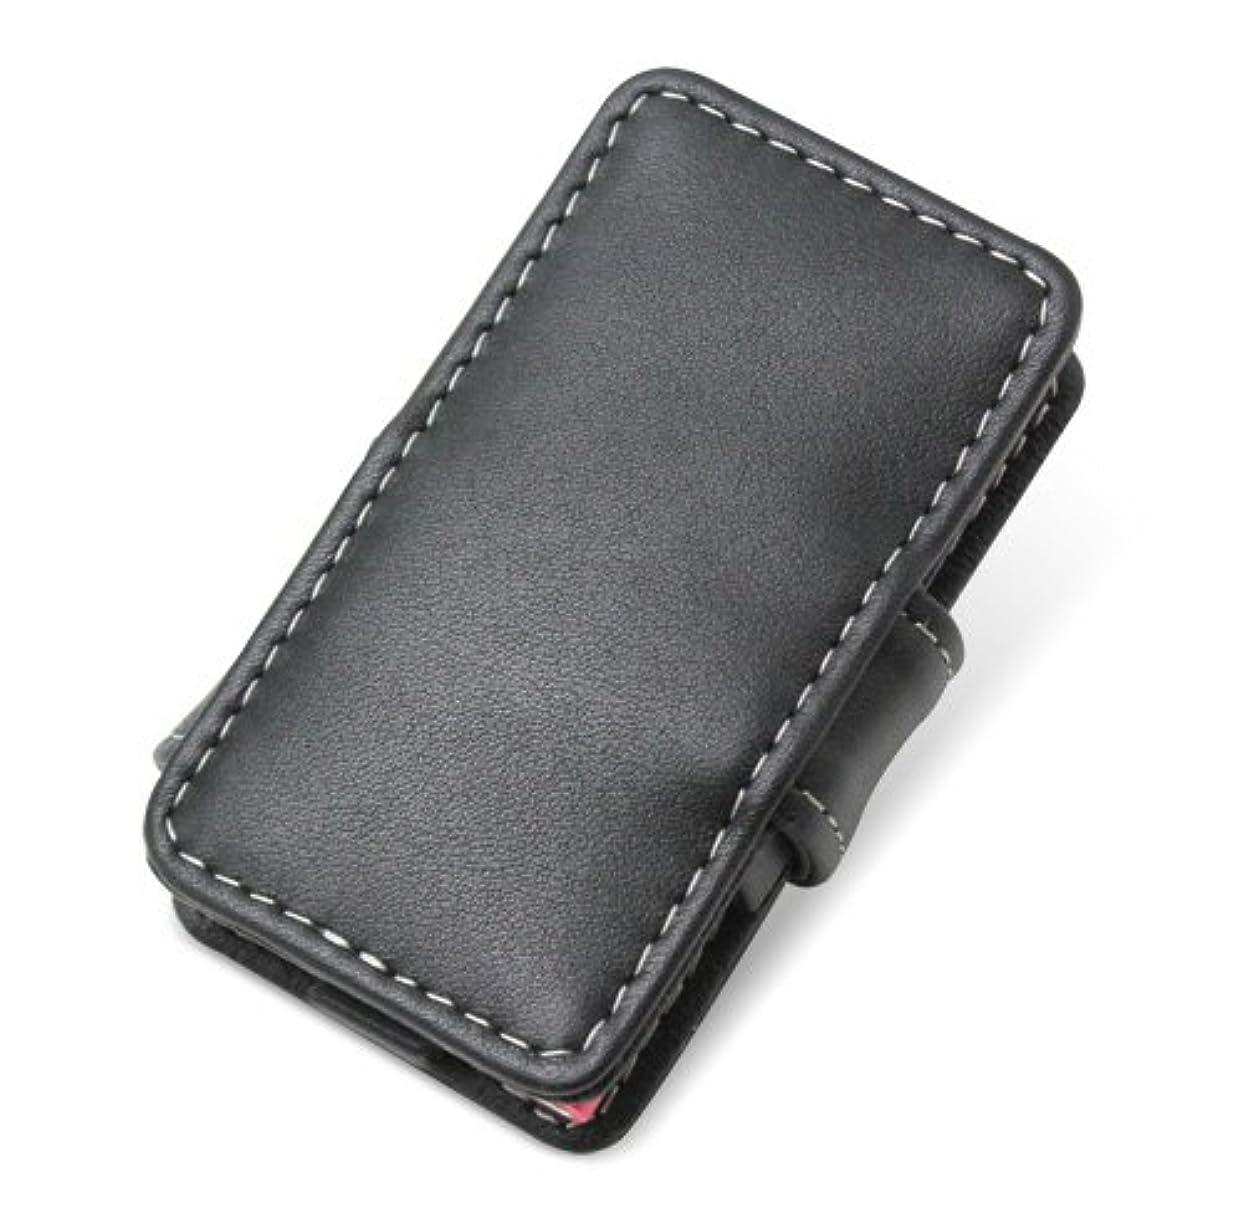 問い合わせるラビリンスせがむPDAIR レザーケース for iPod nano(7th gen.) 横開きタイプ(ブラック) PALCIPDN7B/BL